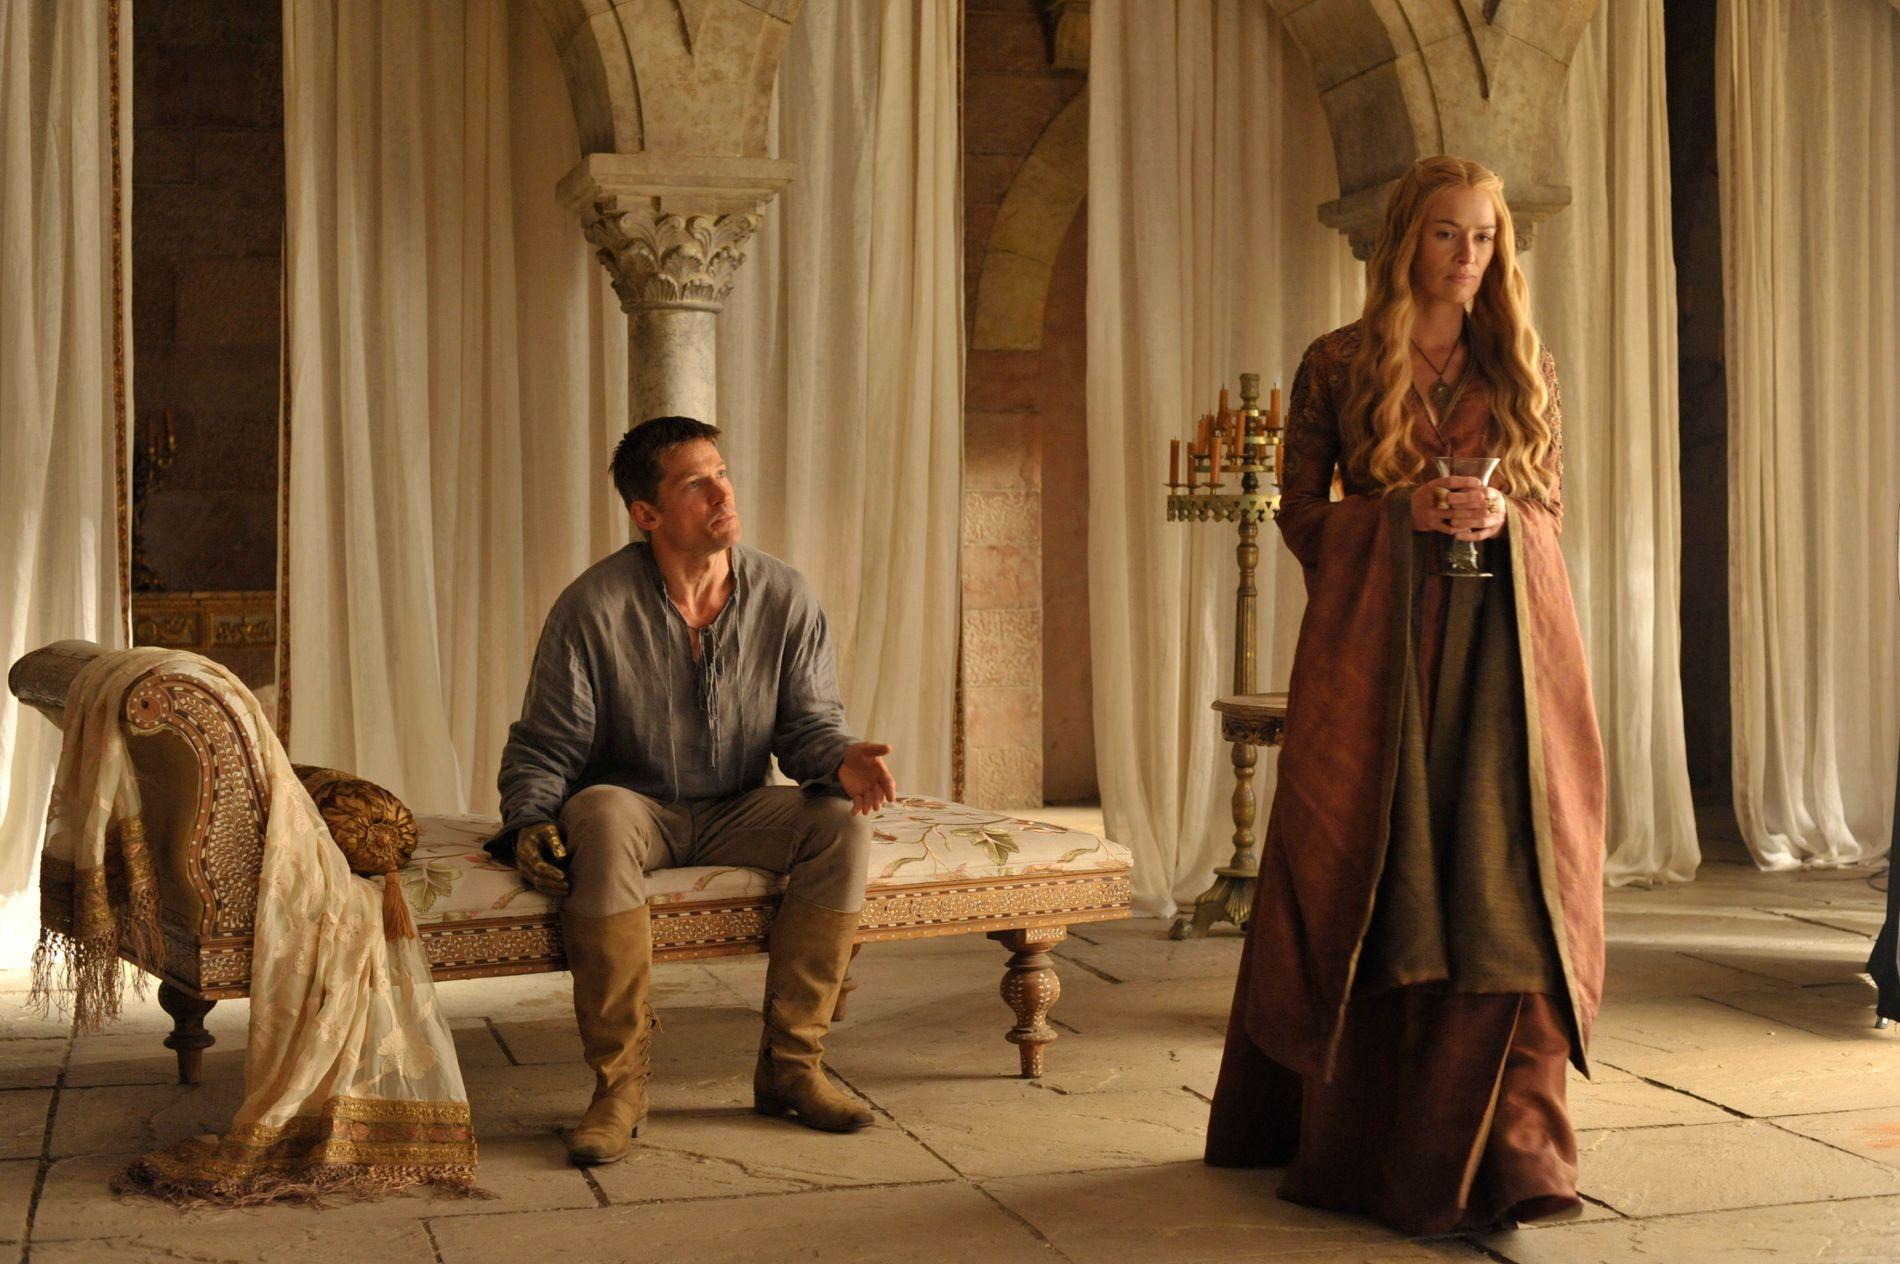 SØSKEN: Jamie (Nikolaj Coster-Waldau) og Cersei Lannister (Lena Headey) i sesong 4.